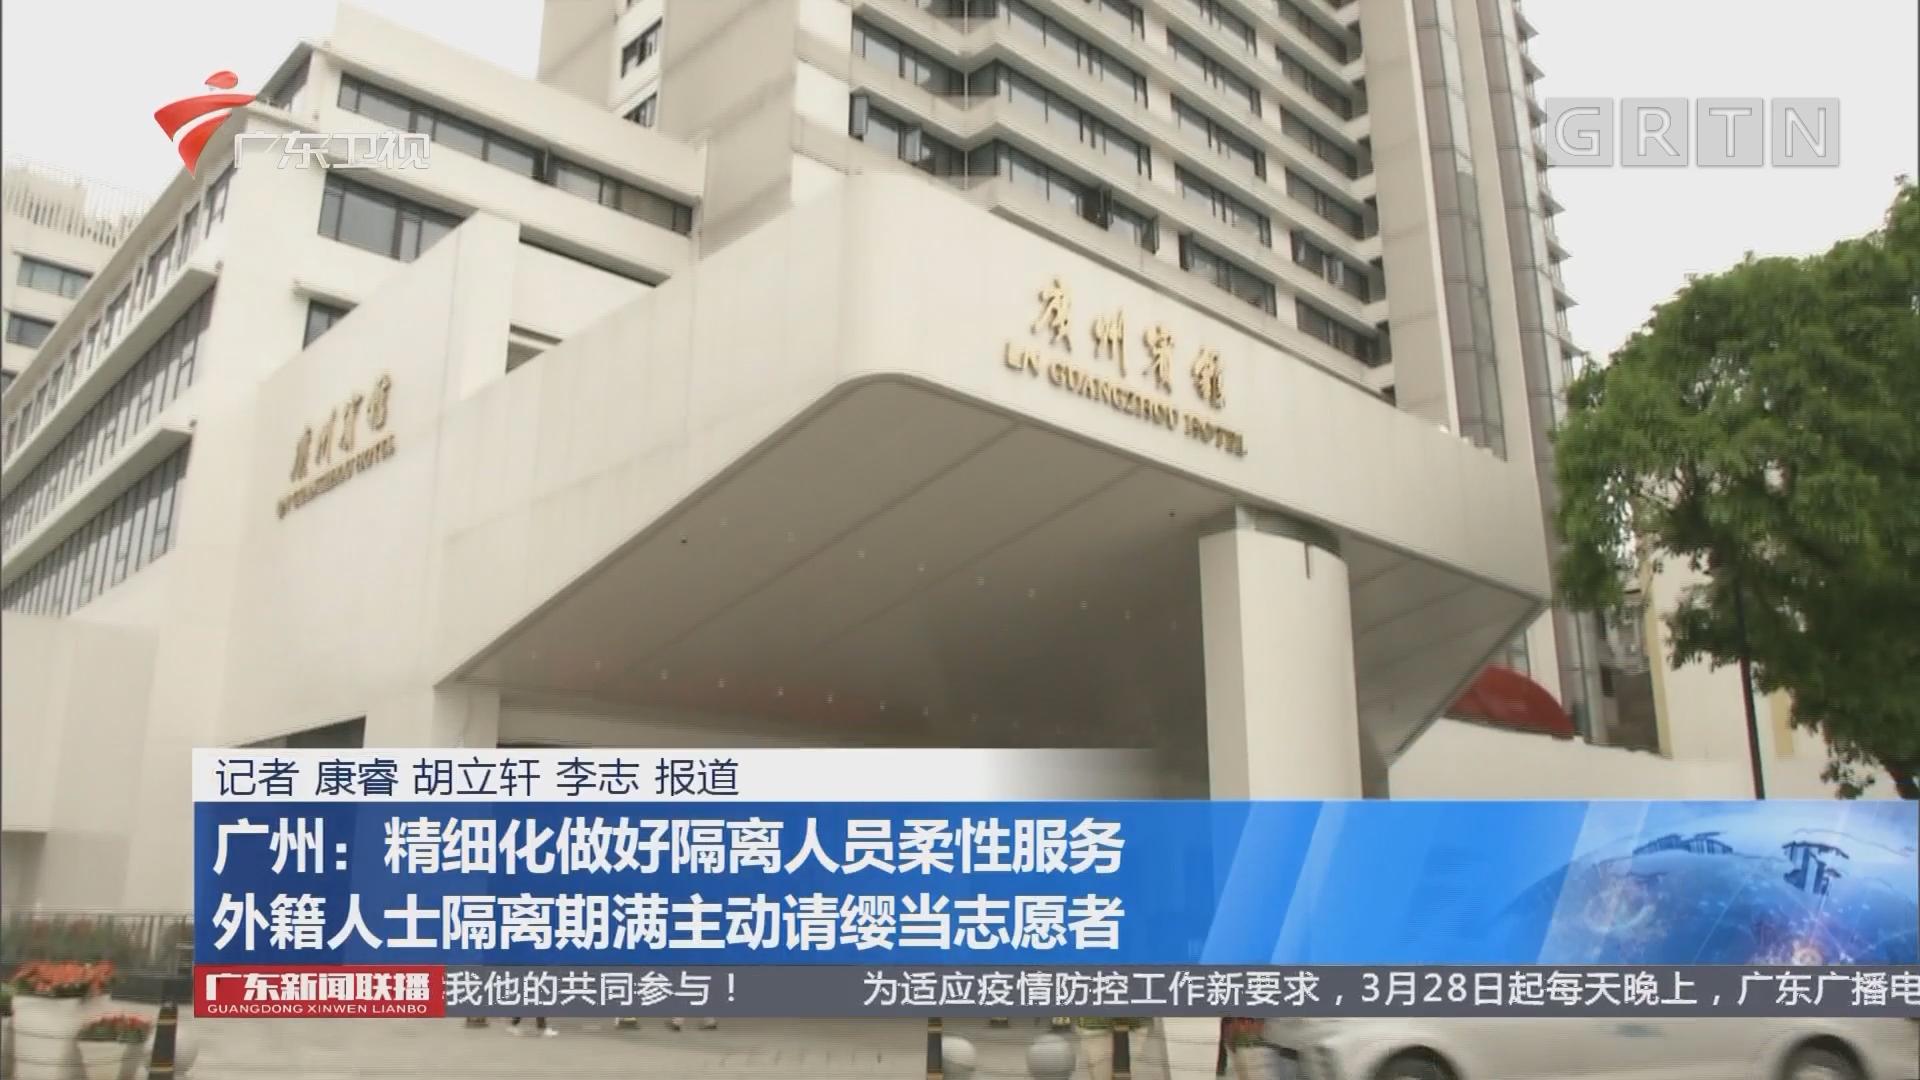 广州:精细化做好隔离人员柔性服务 外籍人士隔离期满主动请缨当志愿者